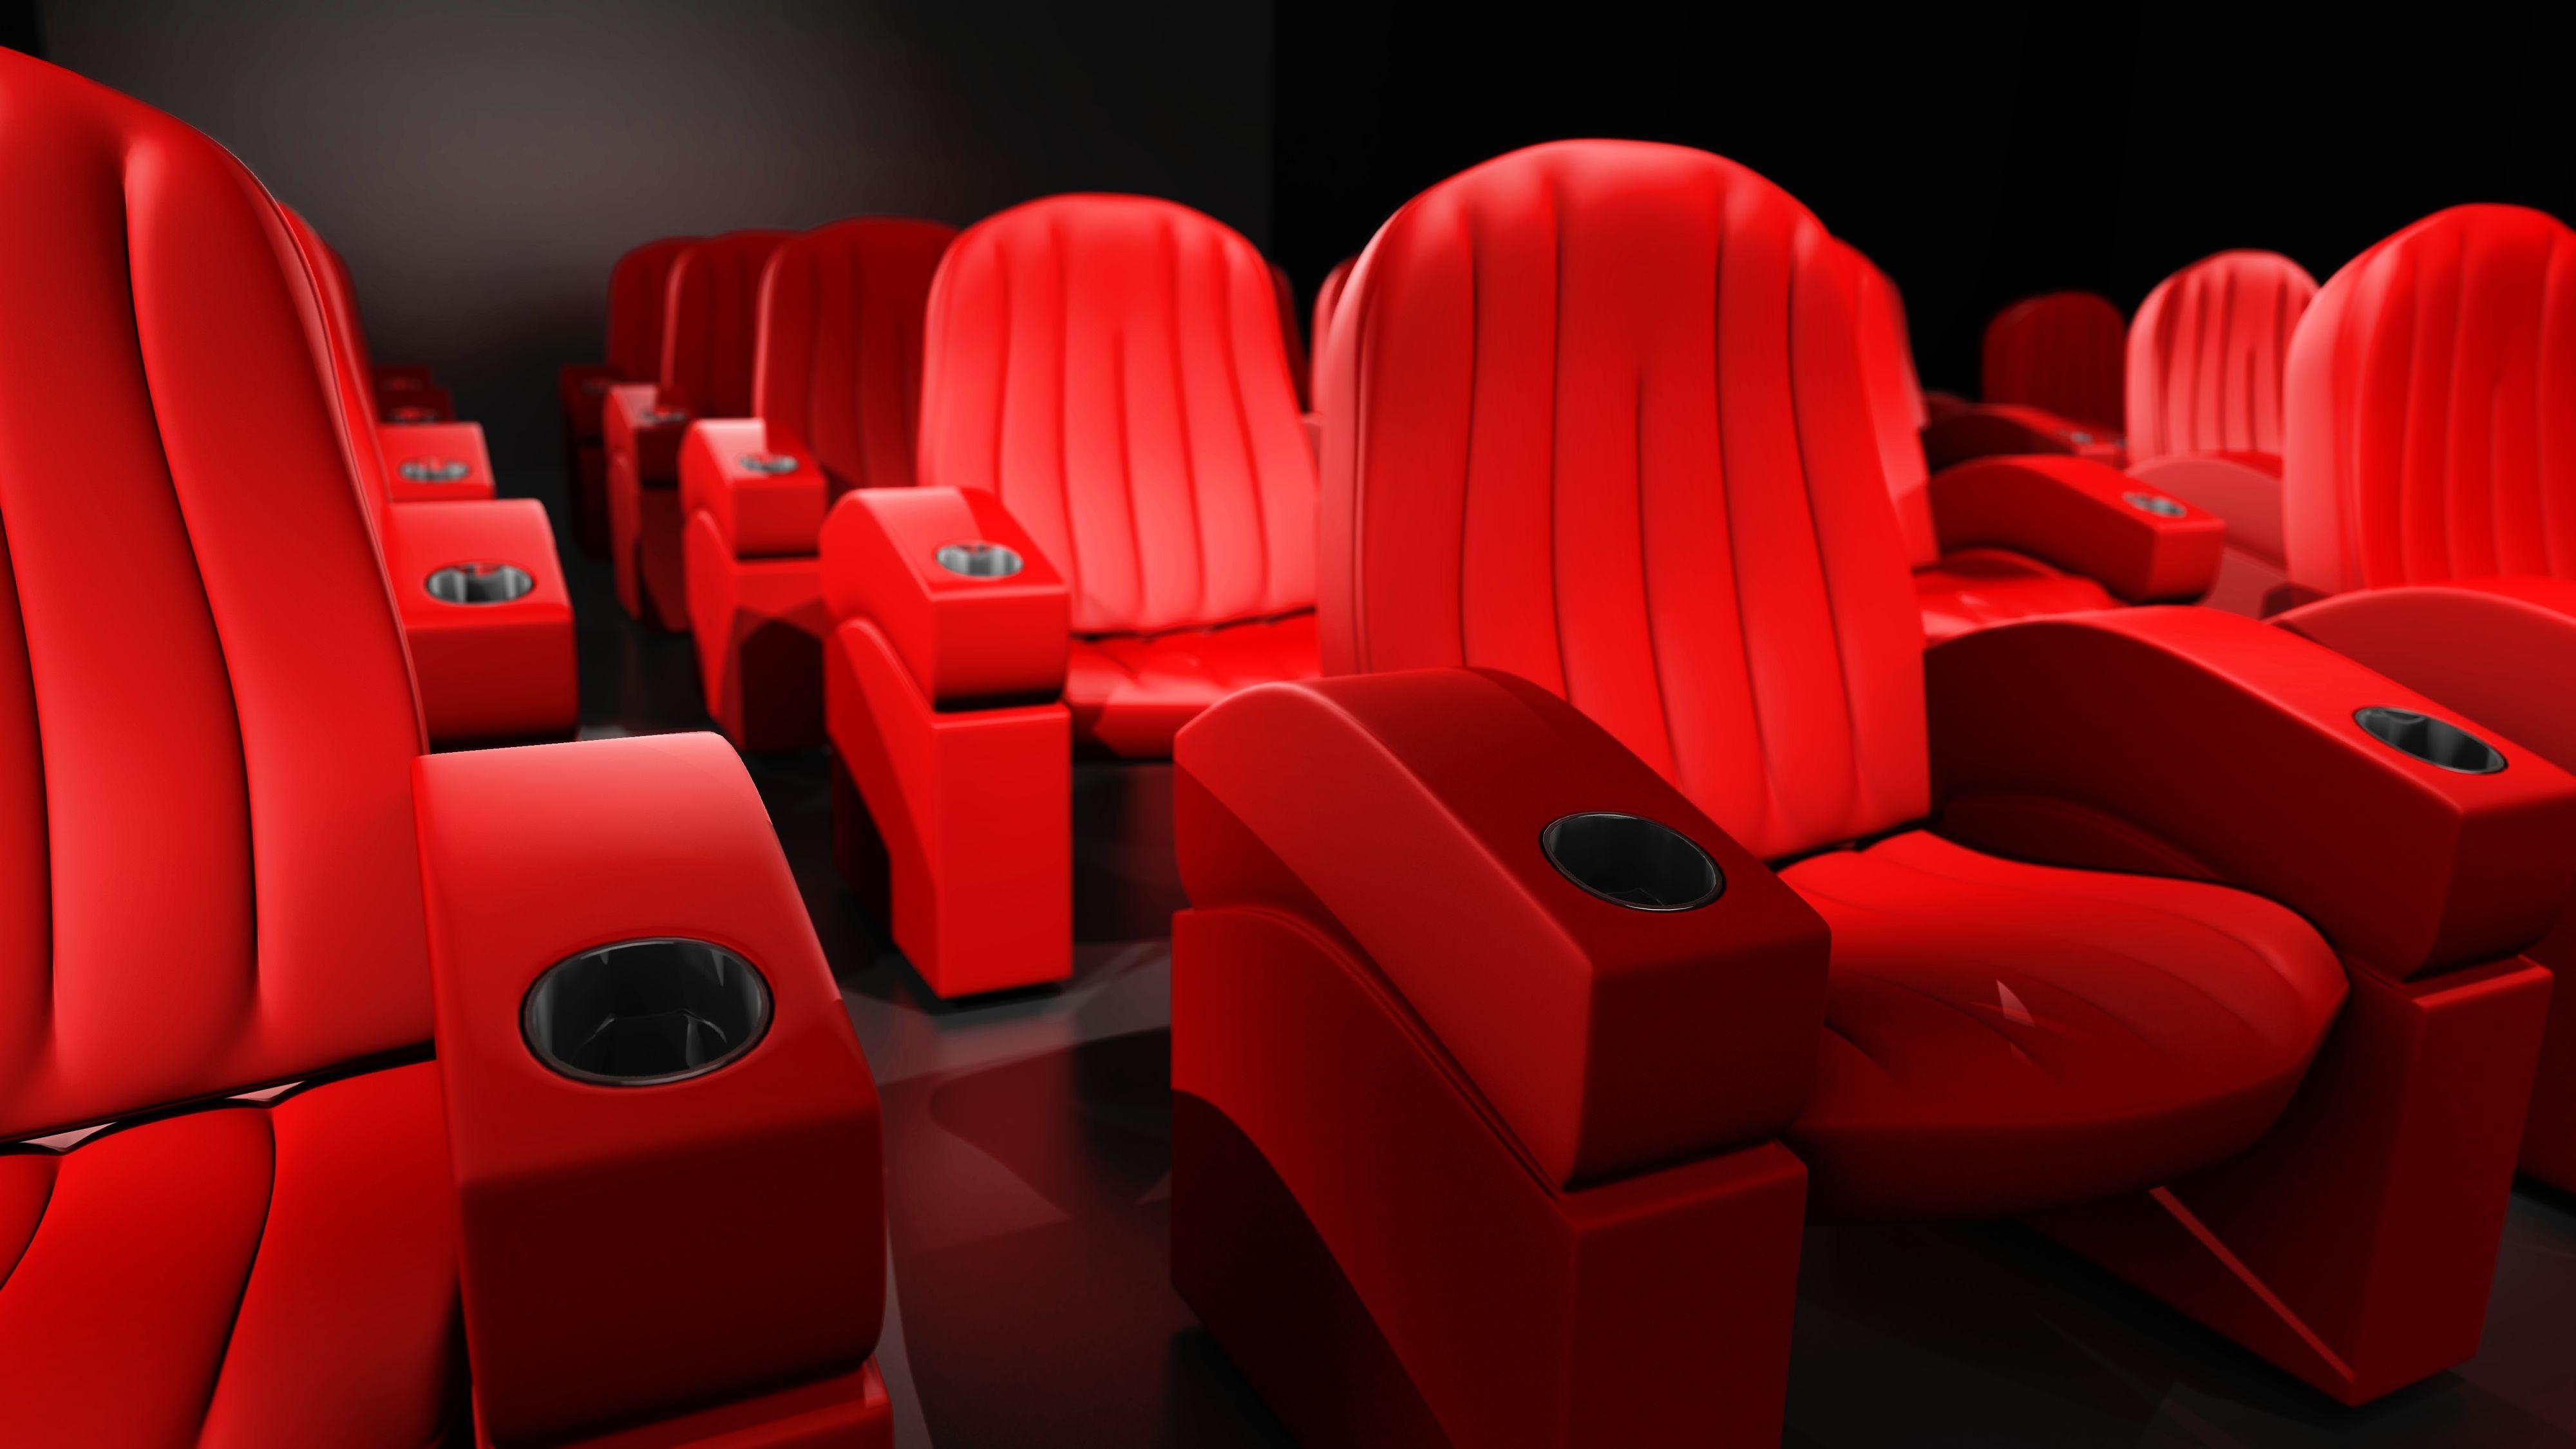 Skikkelige stoler innbyr til timer med filmtitting.Foto: Shutterstock